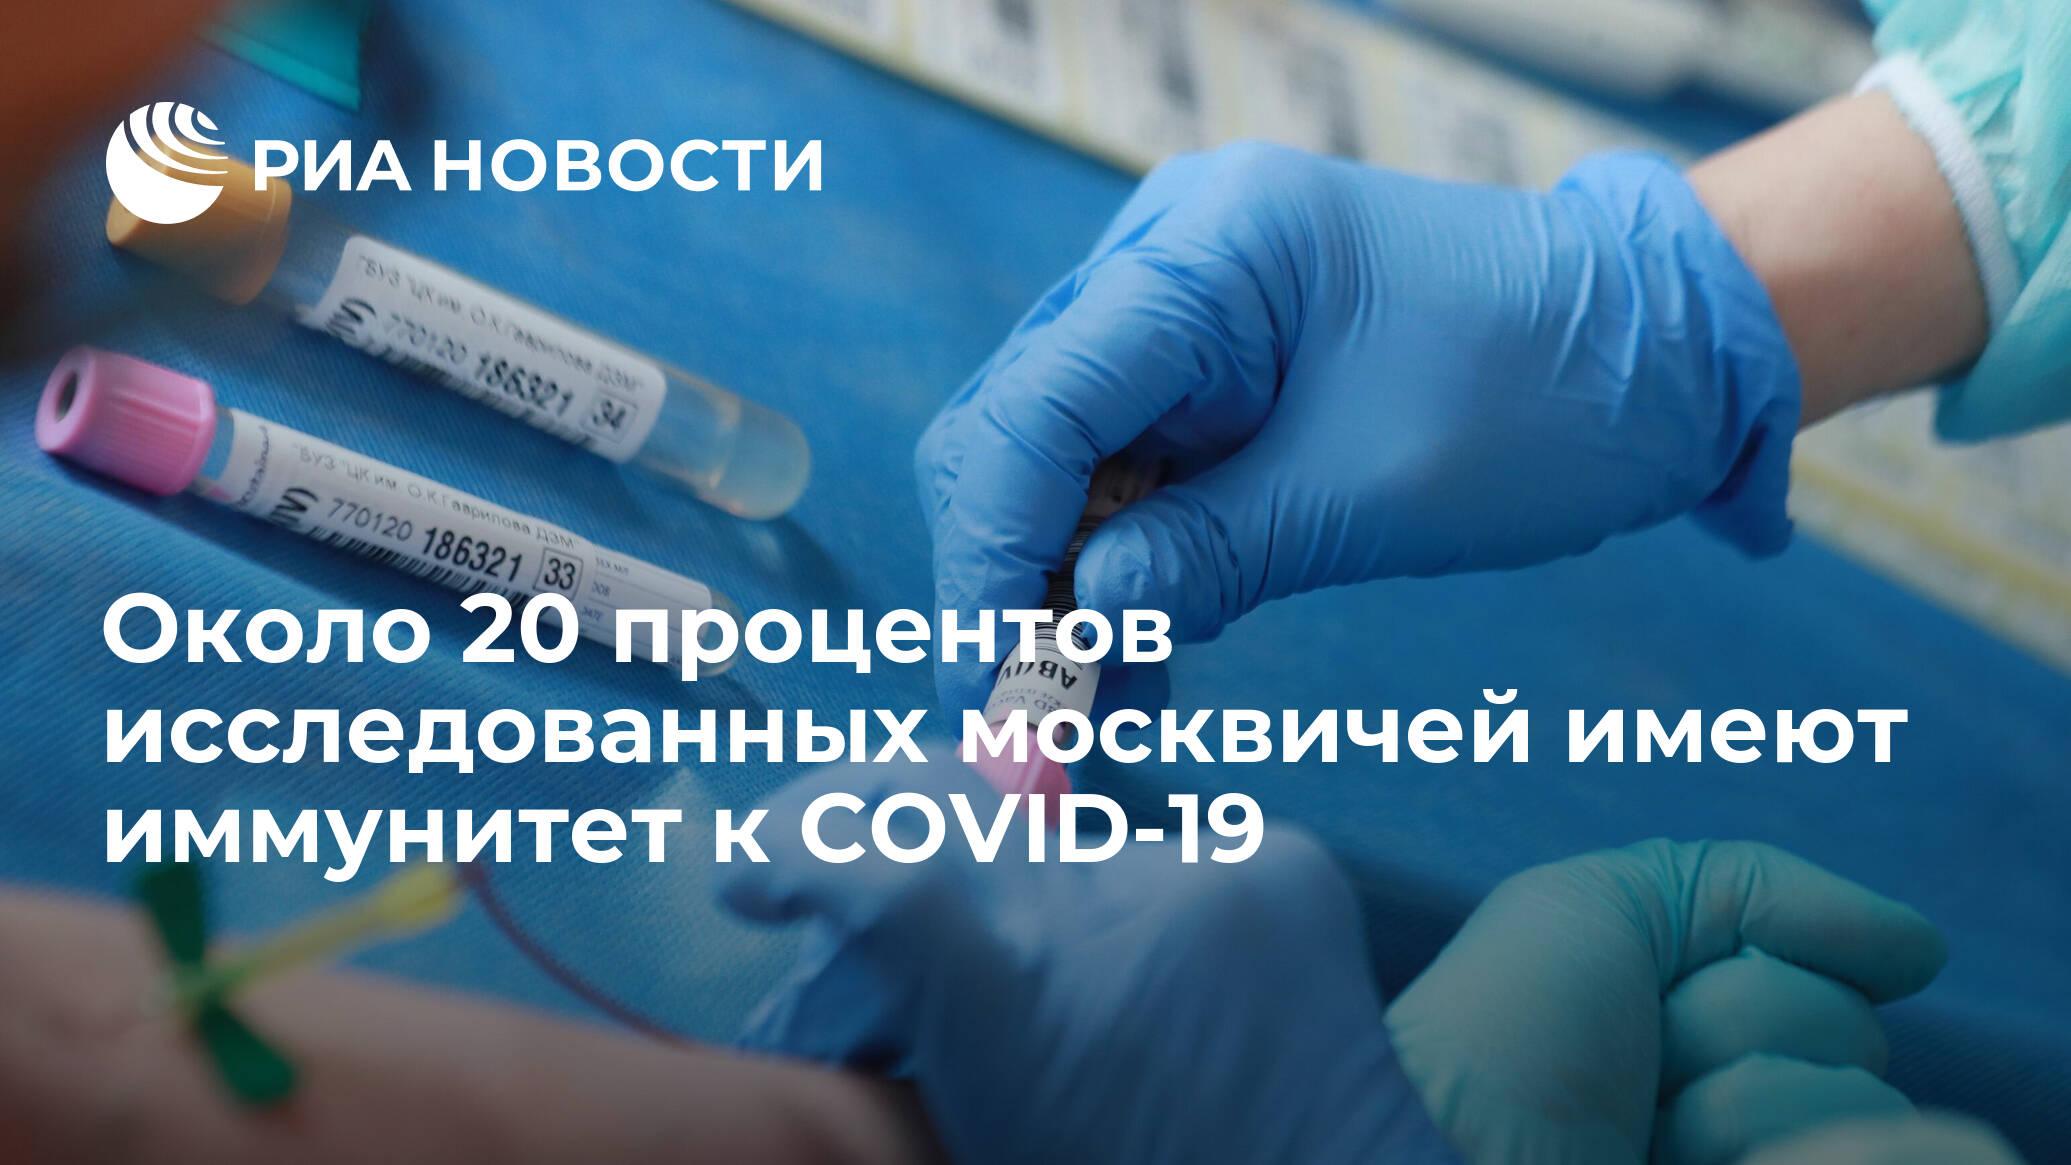 Около 20 процентов исследованных москвичей имеют иммунитет к COVID-19